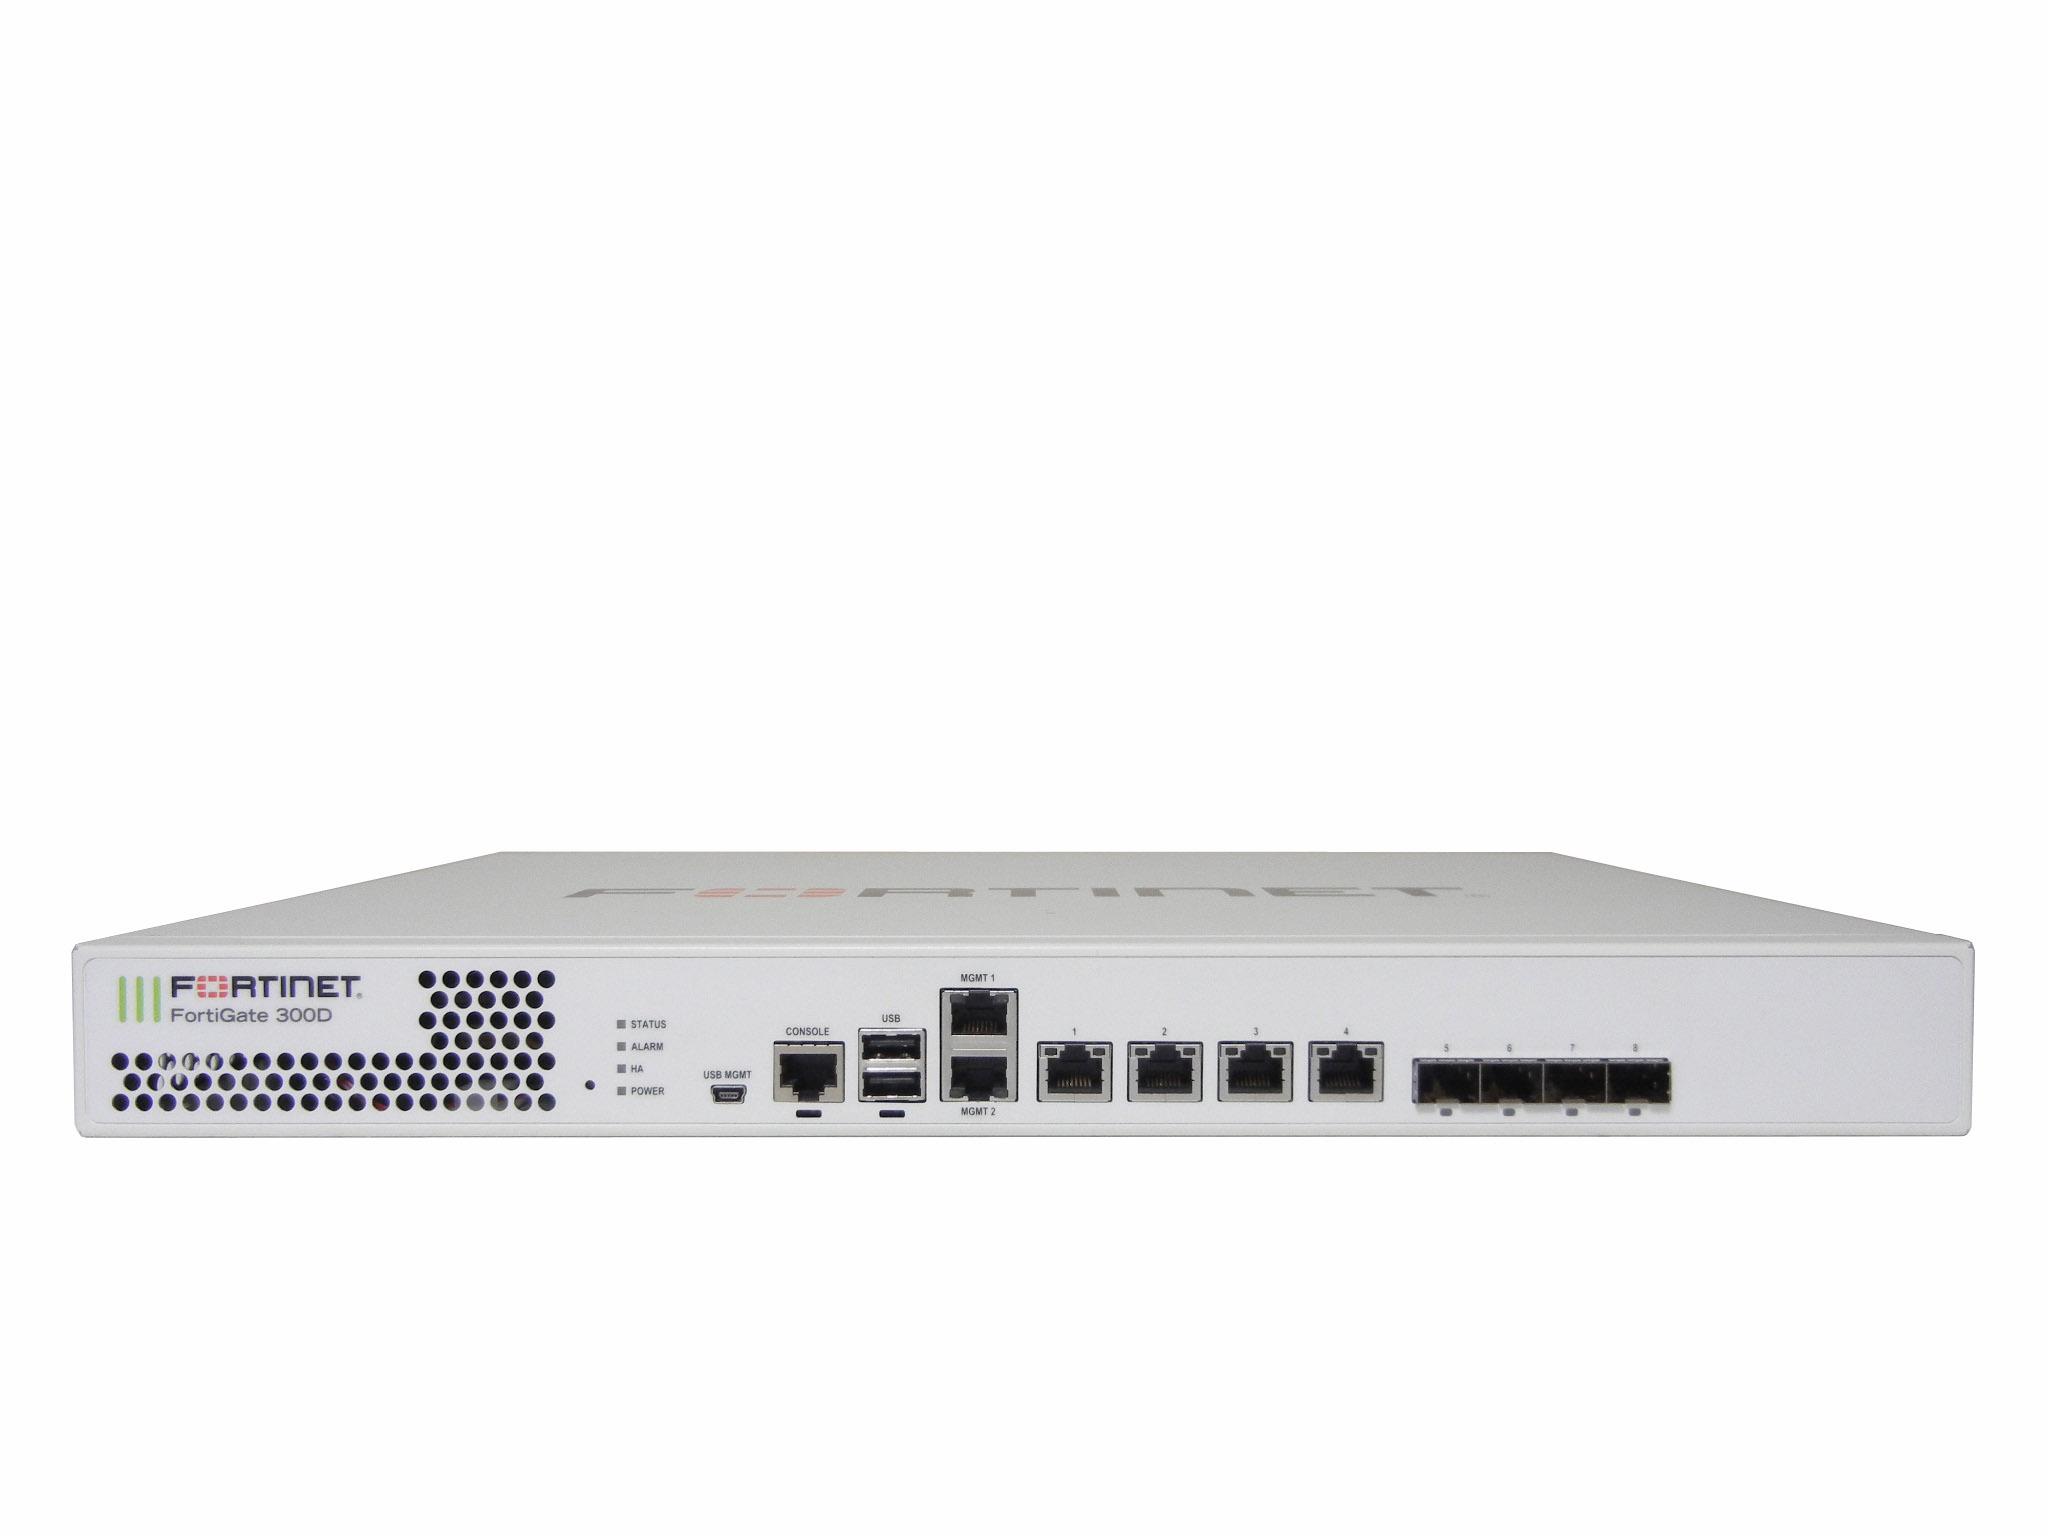 【中古】セキュリティ機能を実現するUTM(統合脅威管理)FortiGate-300D